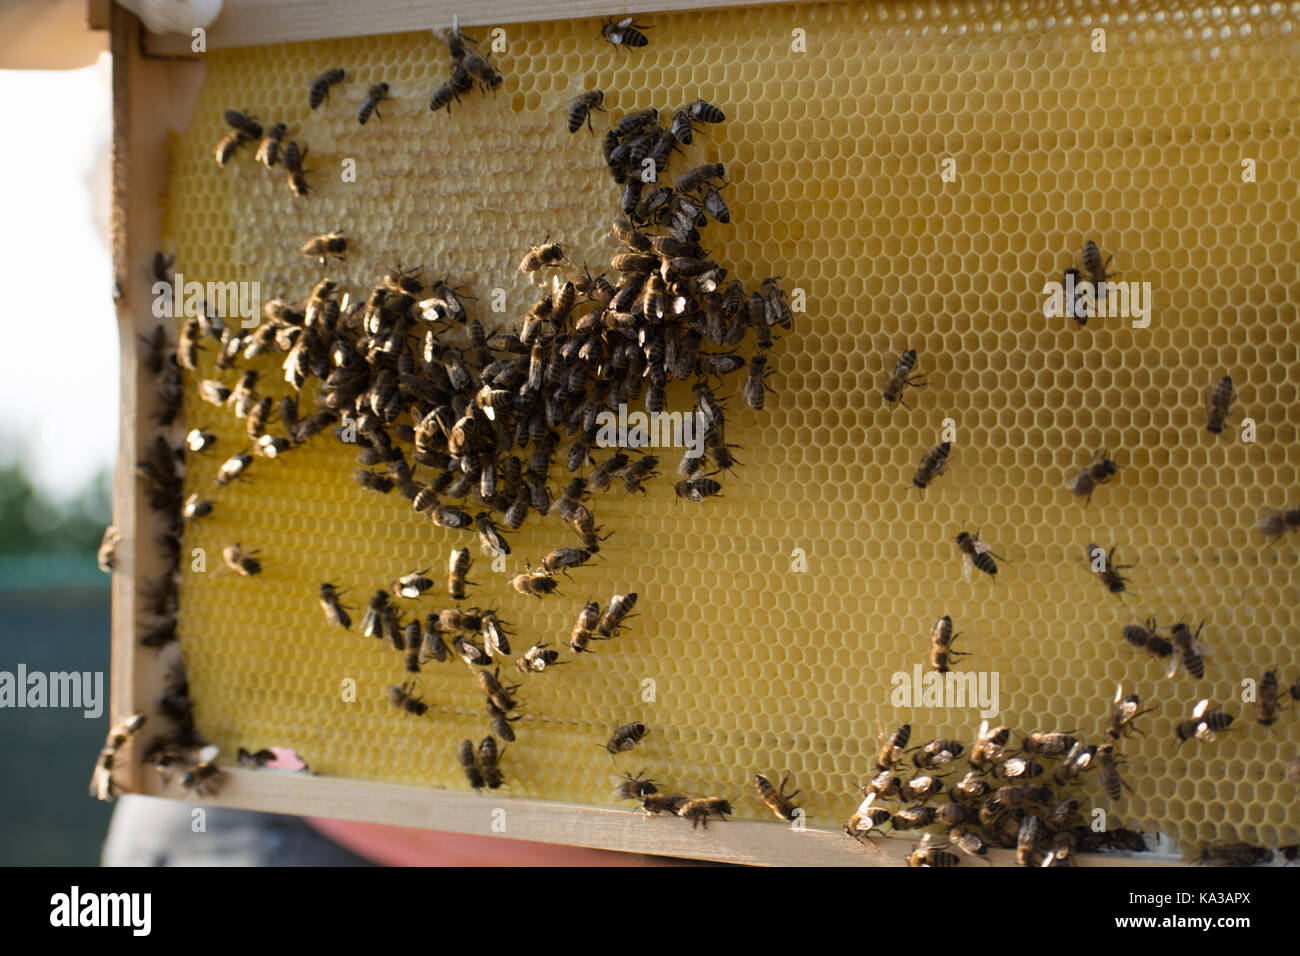 Fotogramas de un enjambre de abejas. recolección de miel apicultor apicultor inspección de colmenas de Imagen De Stock